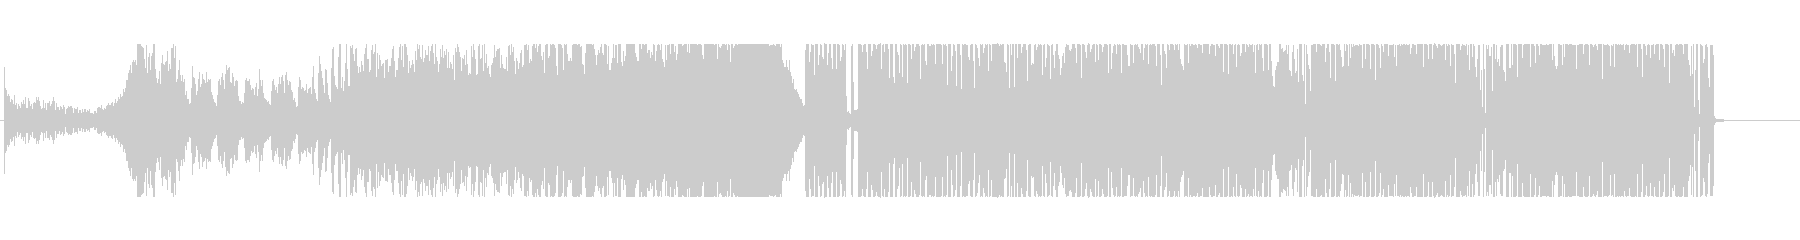 細かいドラムが特徴的なドラムンベースの未再生の波形